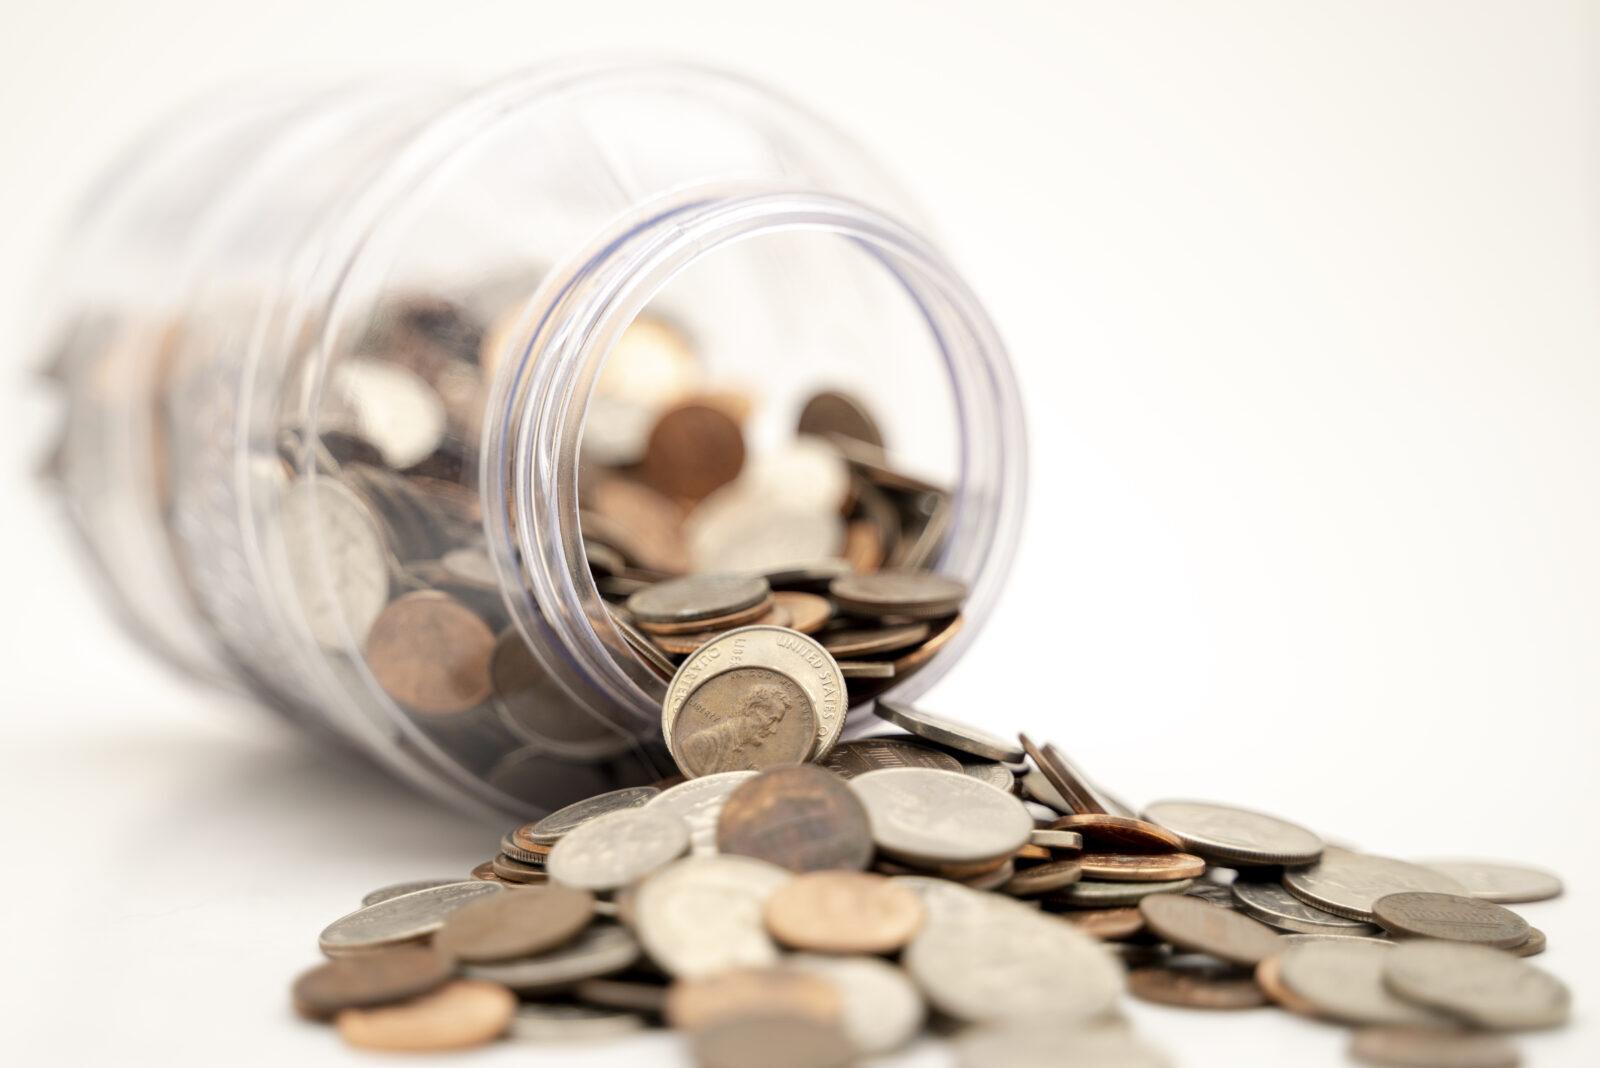 Hvad er et antageligt privatforbrug, når Skattestyrelsen forhøjer skønsmæssigt?